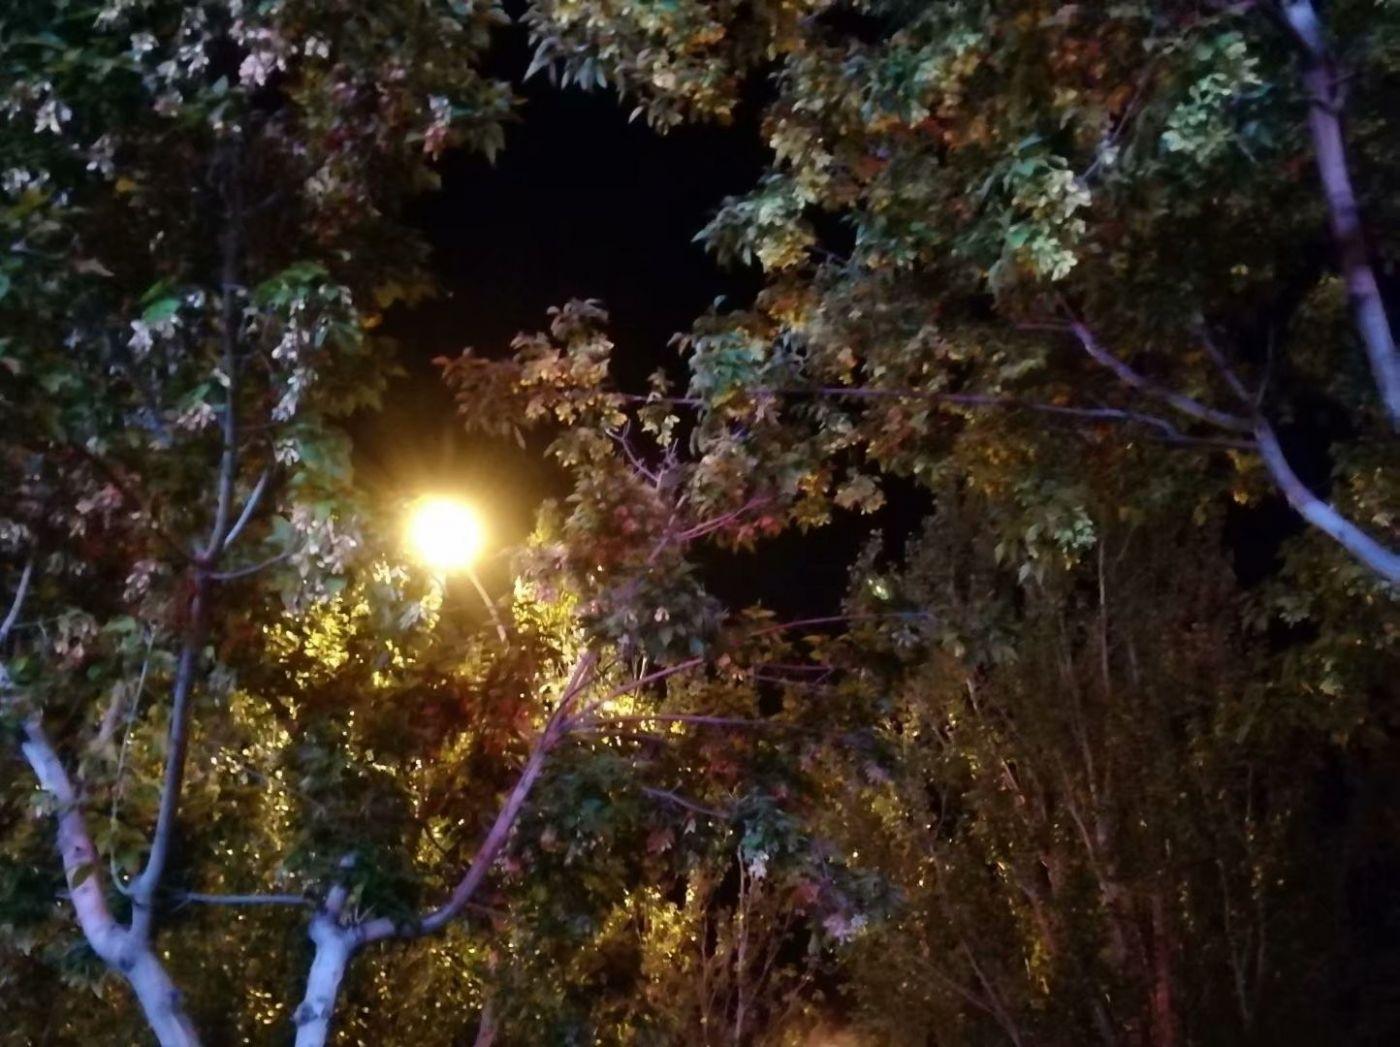 秋夜望秋(图)_图1-11